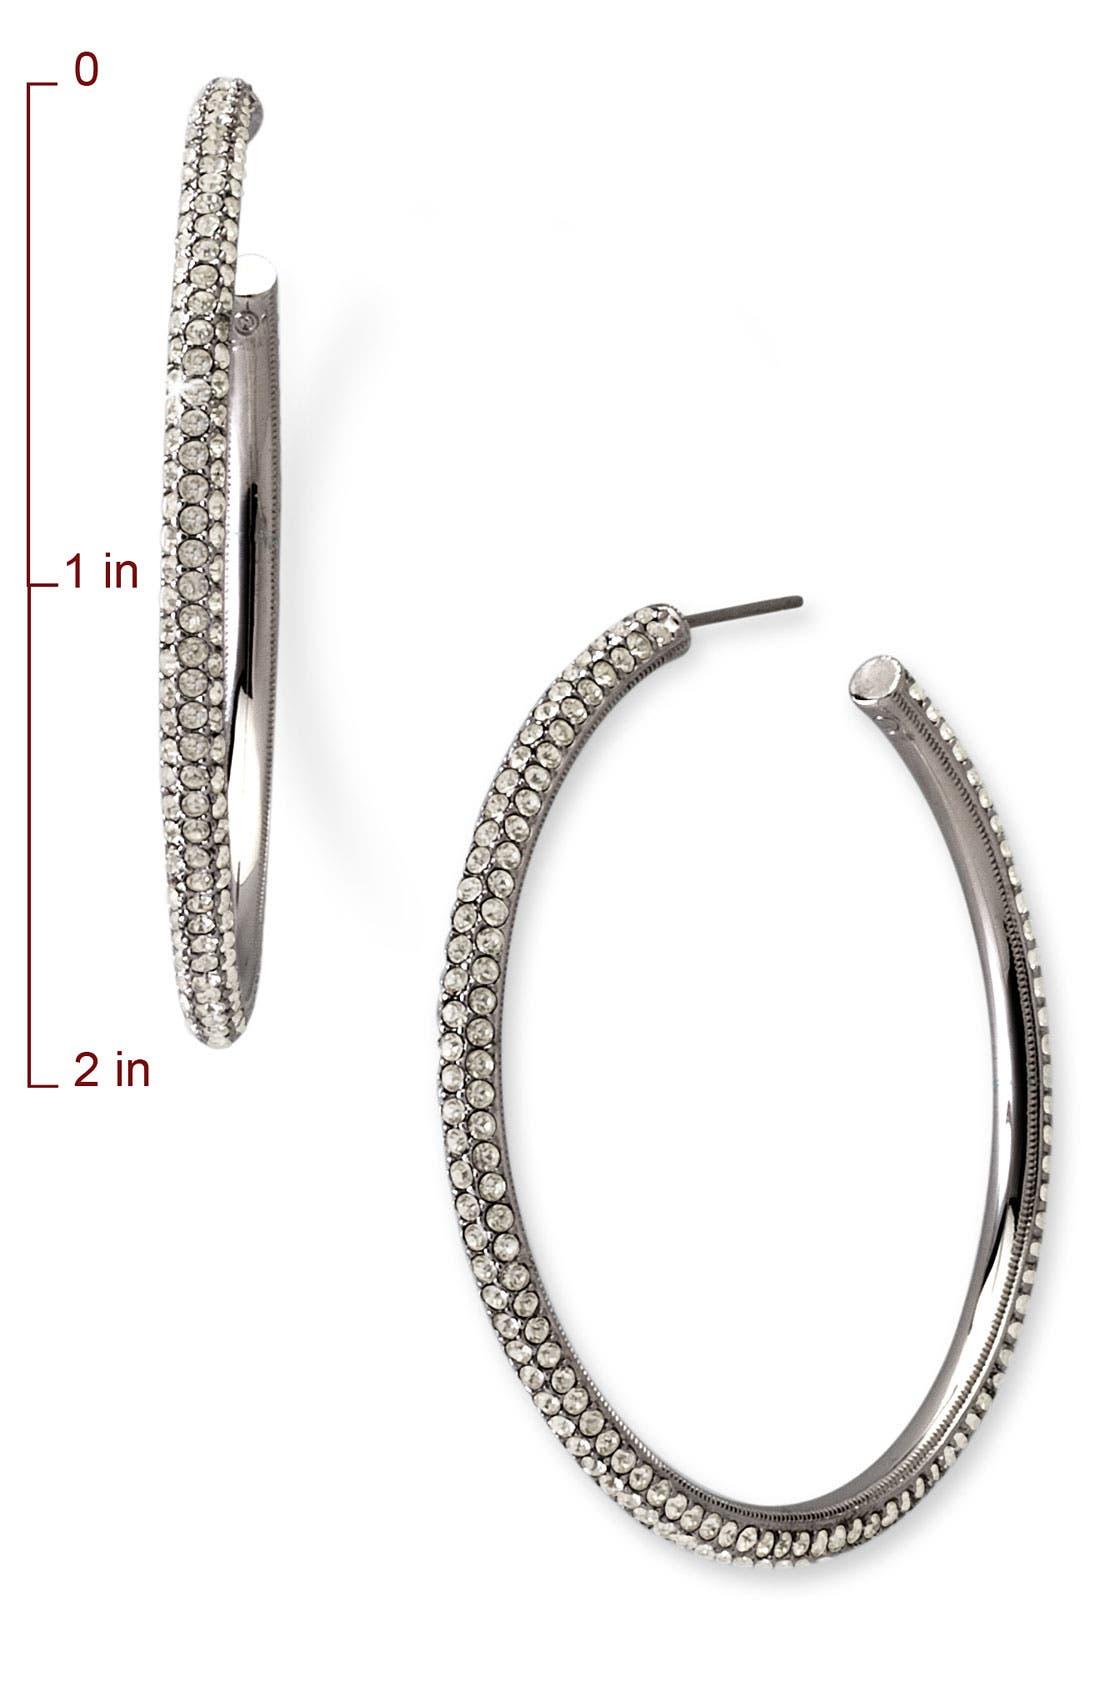 Large Pavé Crystal Hoop Earrings,                             Alternate thumbnail 2, color,                             001